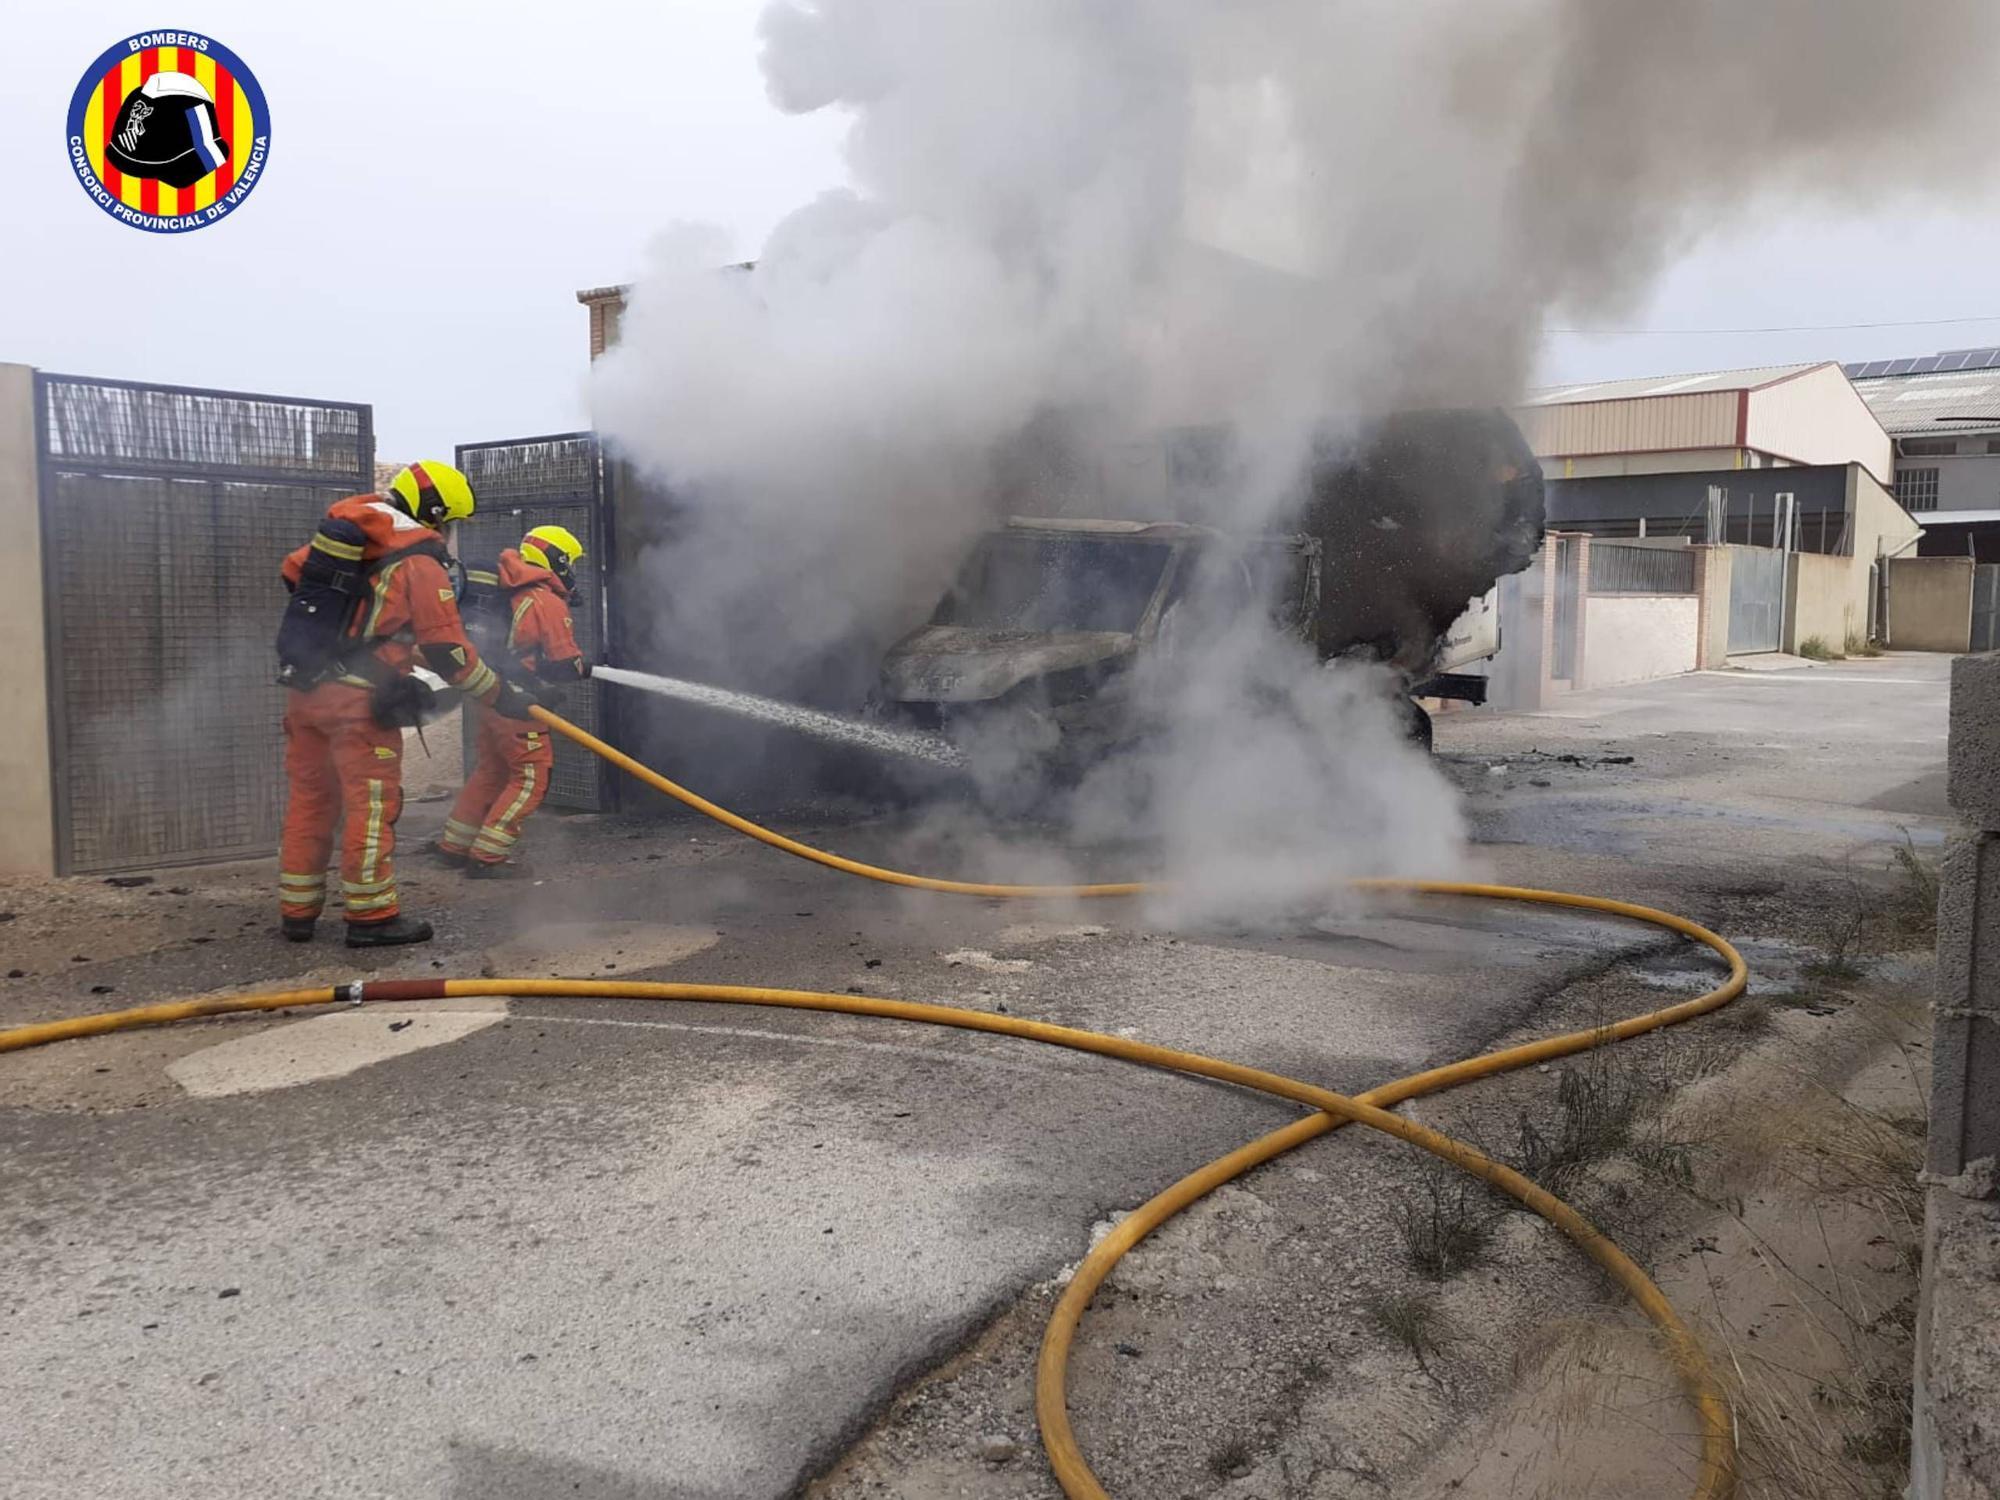 Se desata un incendio en un vehículo industrial en Canals